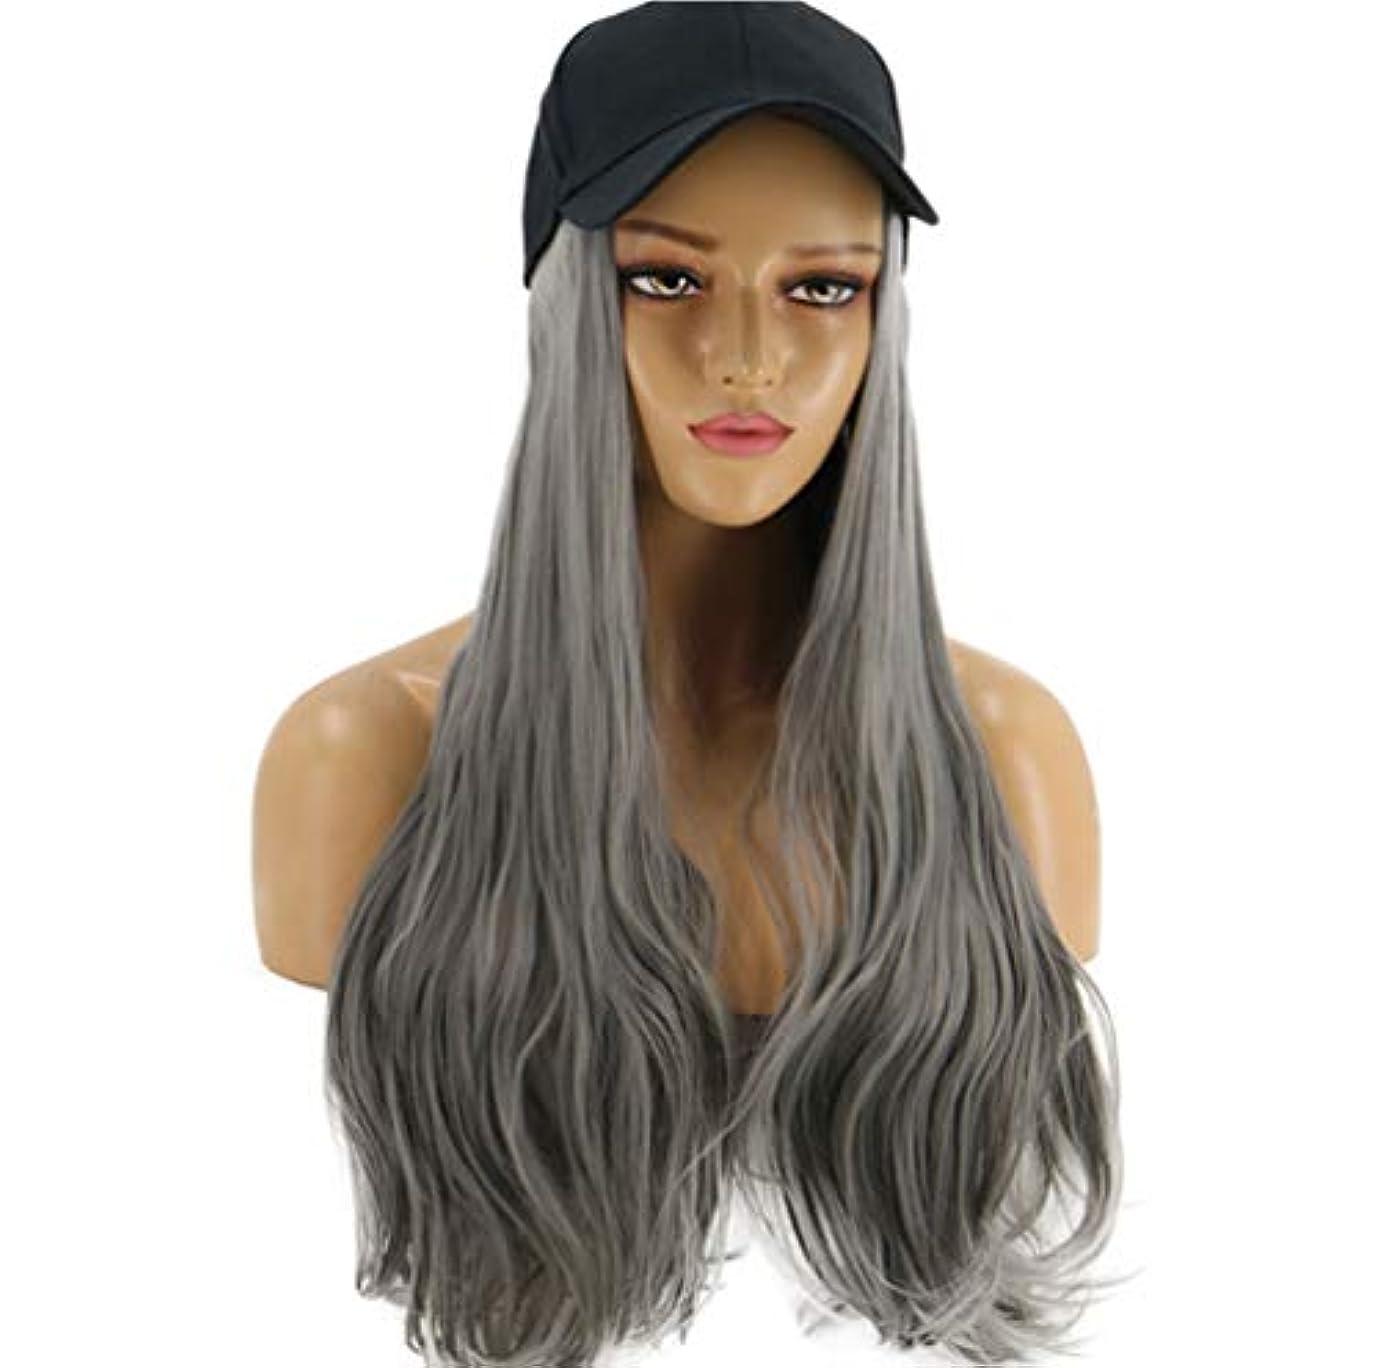 専らメナジェリー上昇女の子野球帽子ウィッグ人工毛エクステンションキャップ付きロングウェーブヘアエクステンション女性ウィッグロングヘア帽子パーティーハロウィンコスプレキャップ